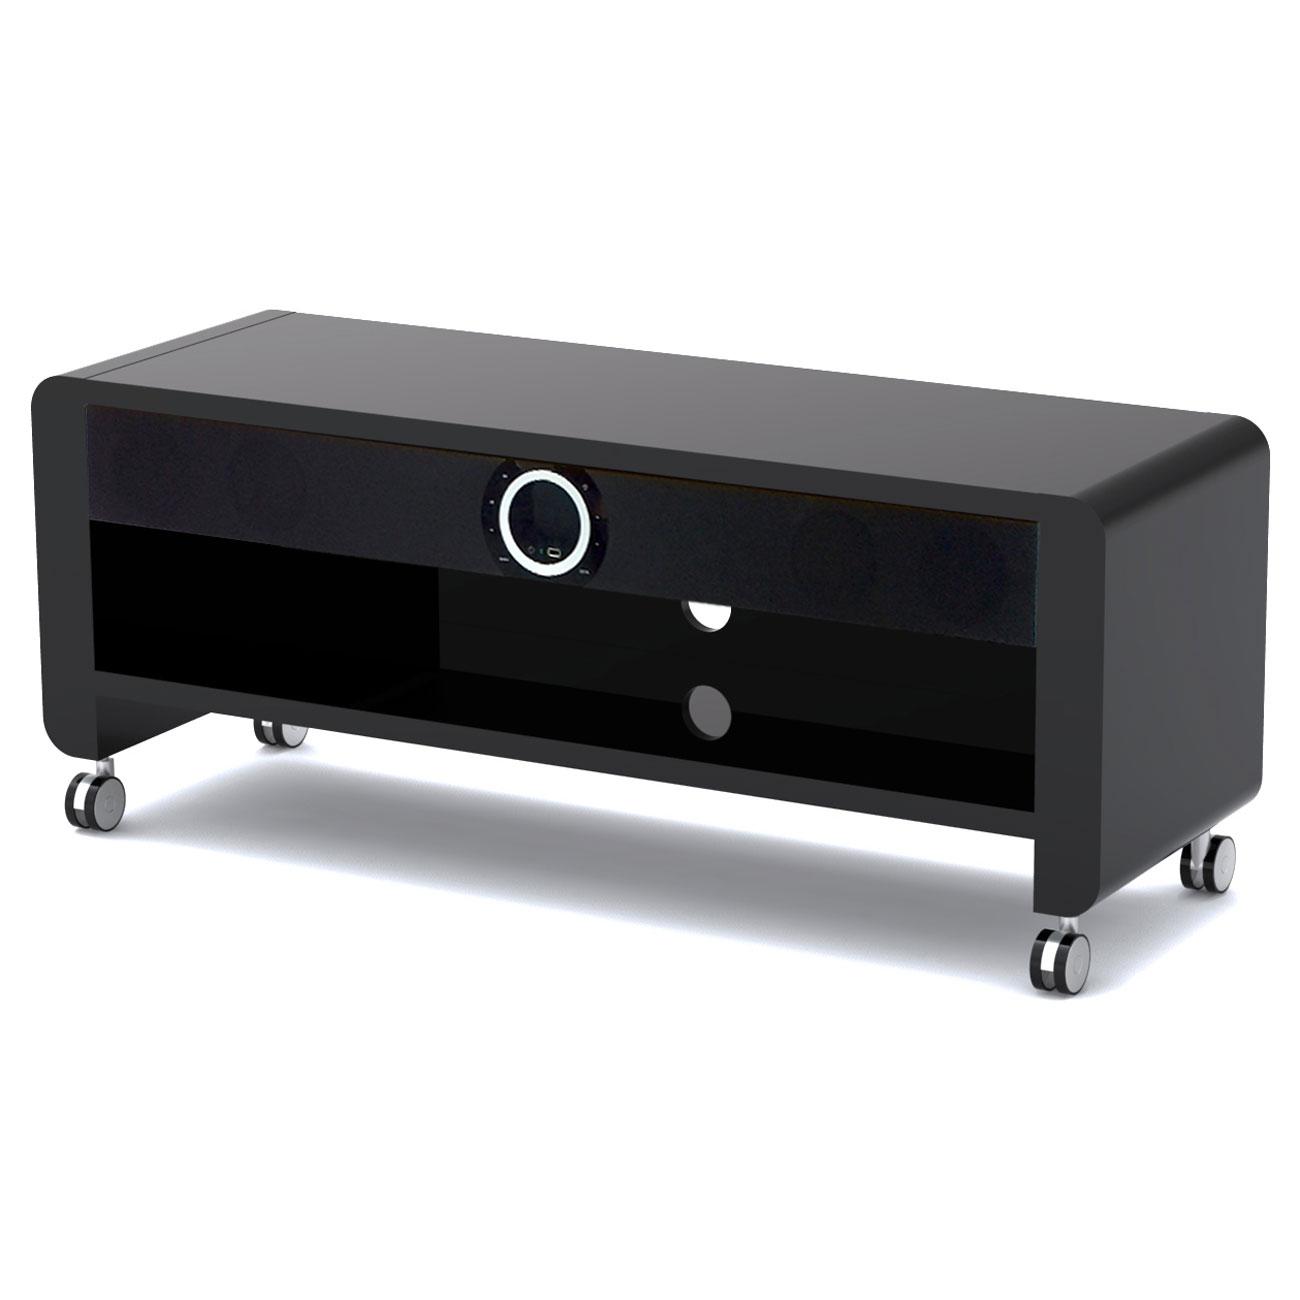 Prestige moon noir meuble tv prestige sur ldlc for Meuble mural videoprojecteur